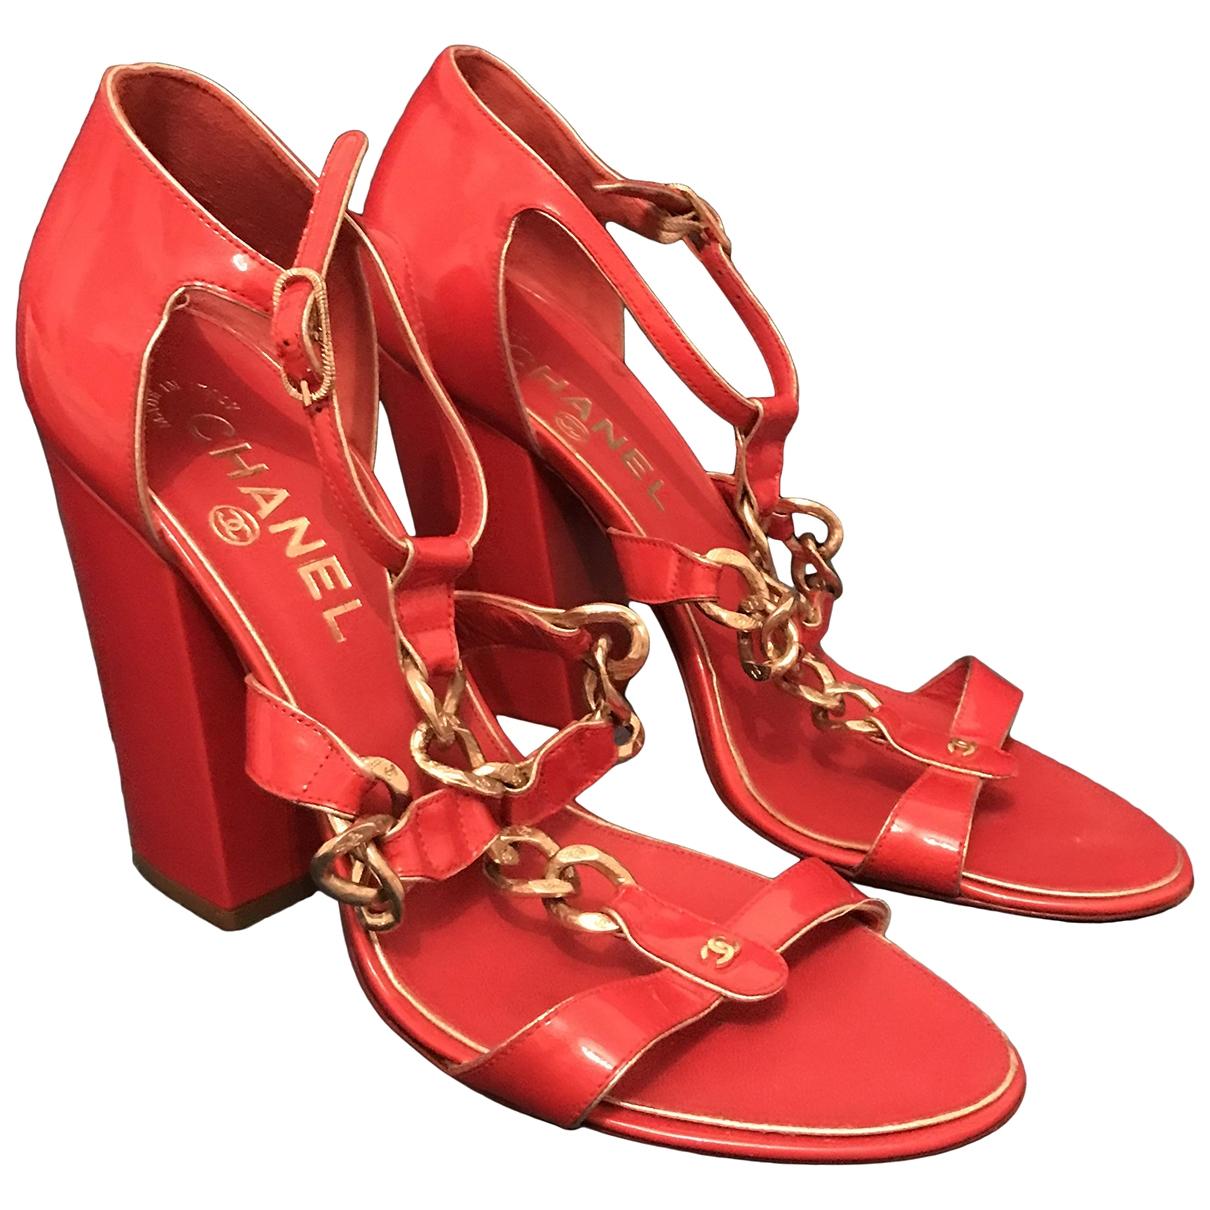 Sandalias de Charol Chanel